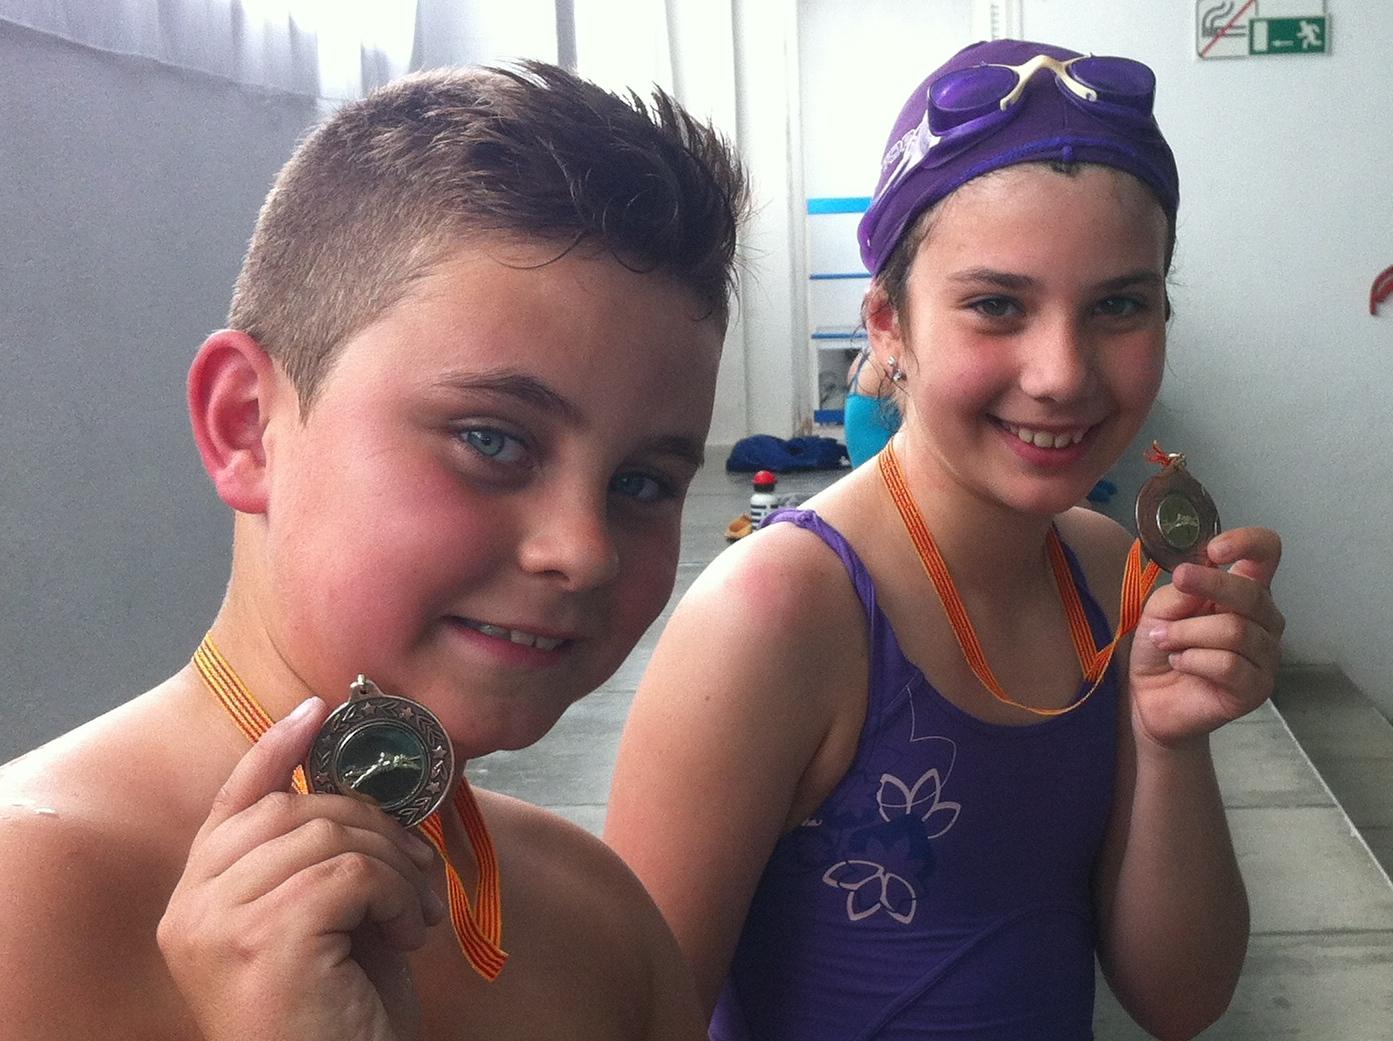 Medalla Natació 2014